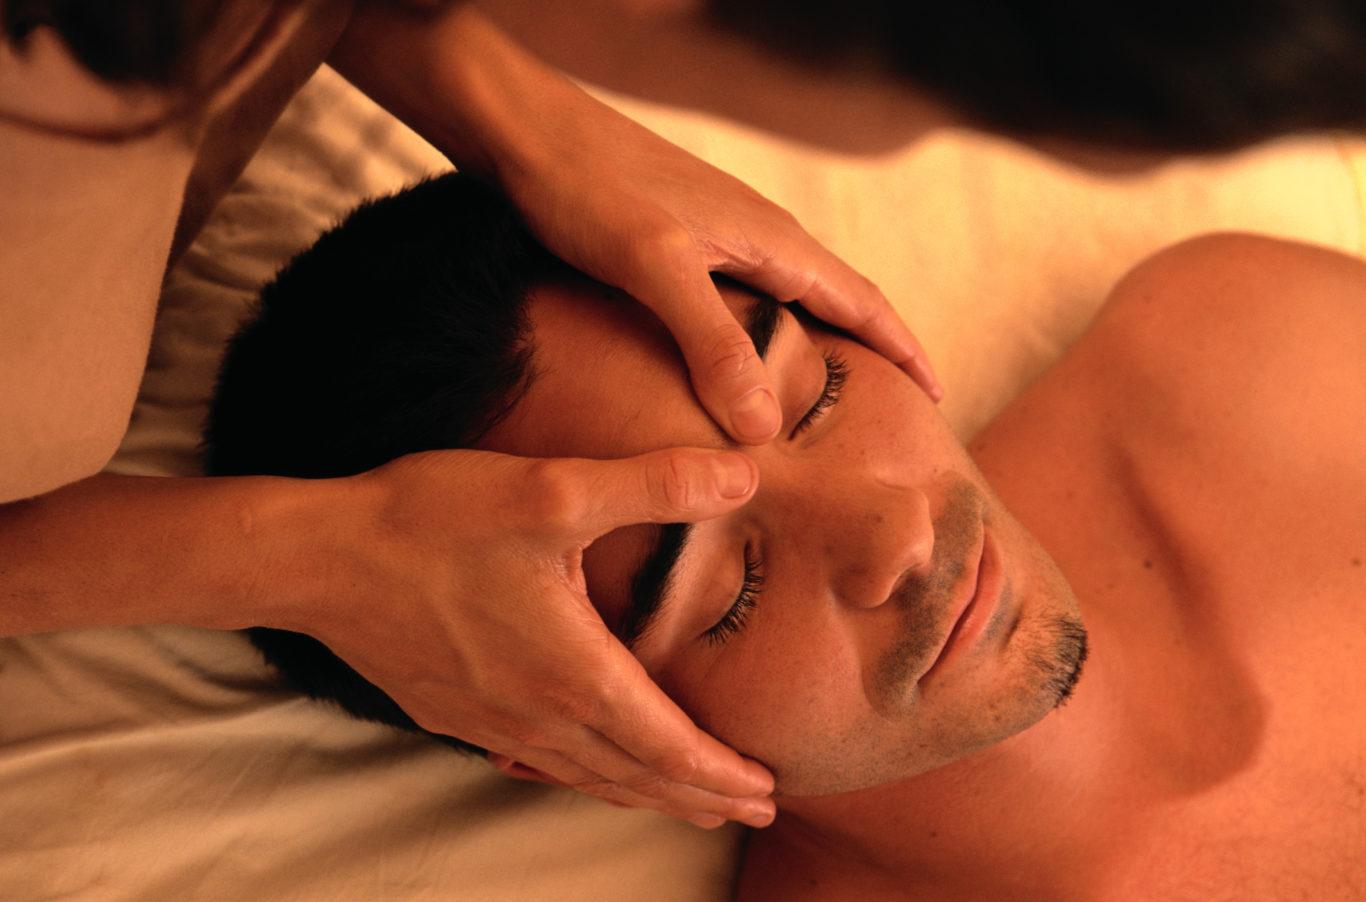 массаж любимому видео - 1